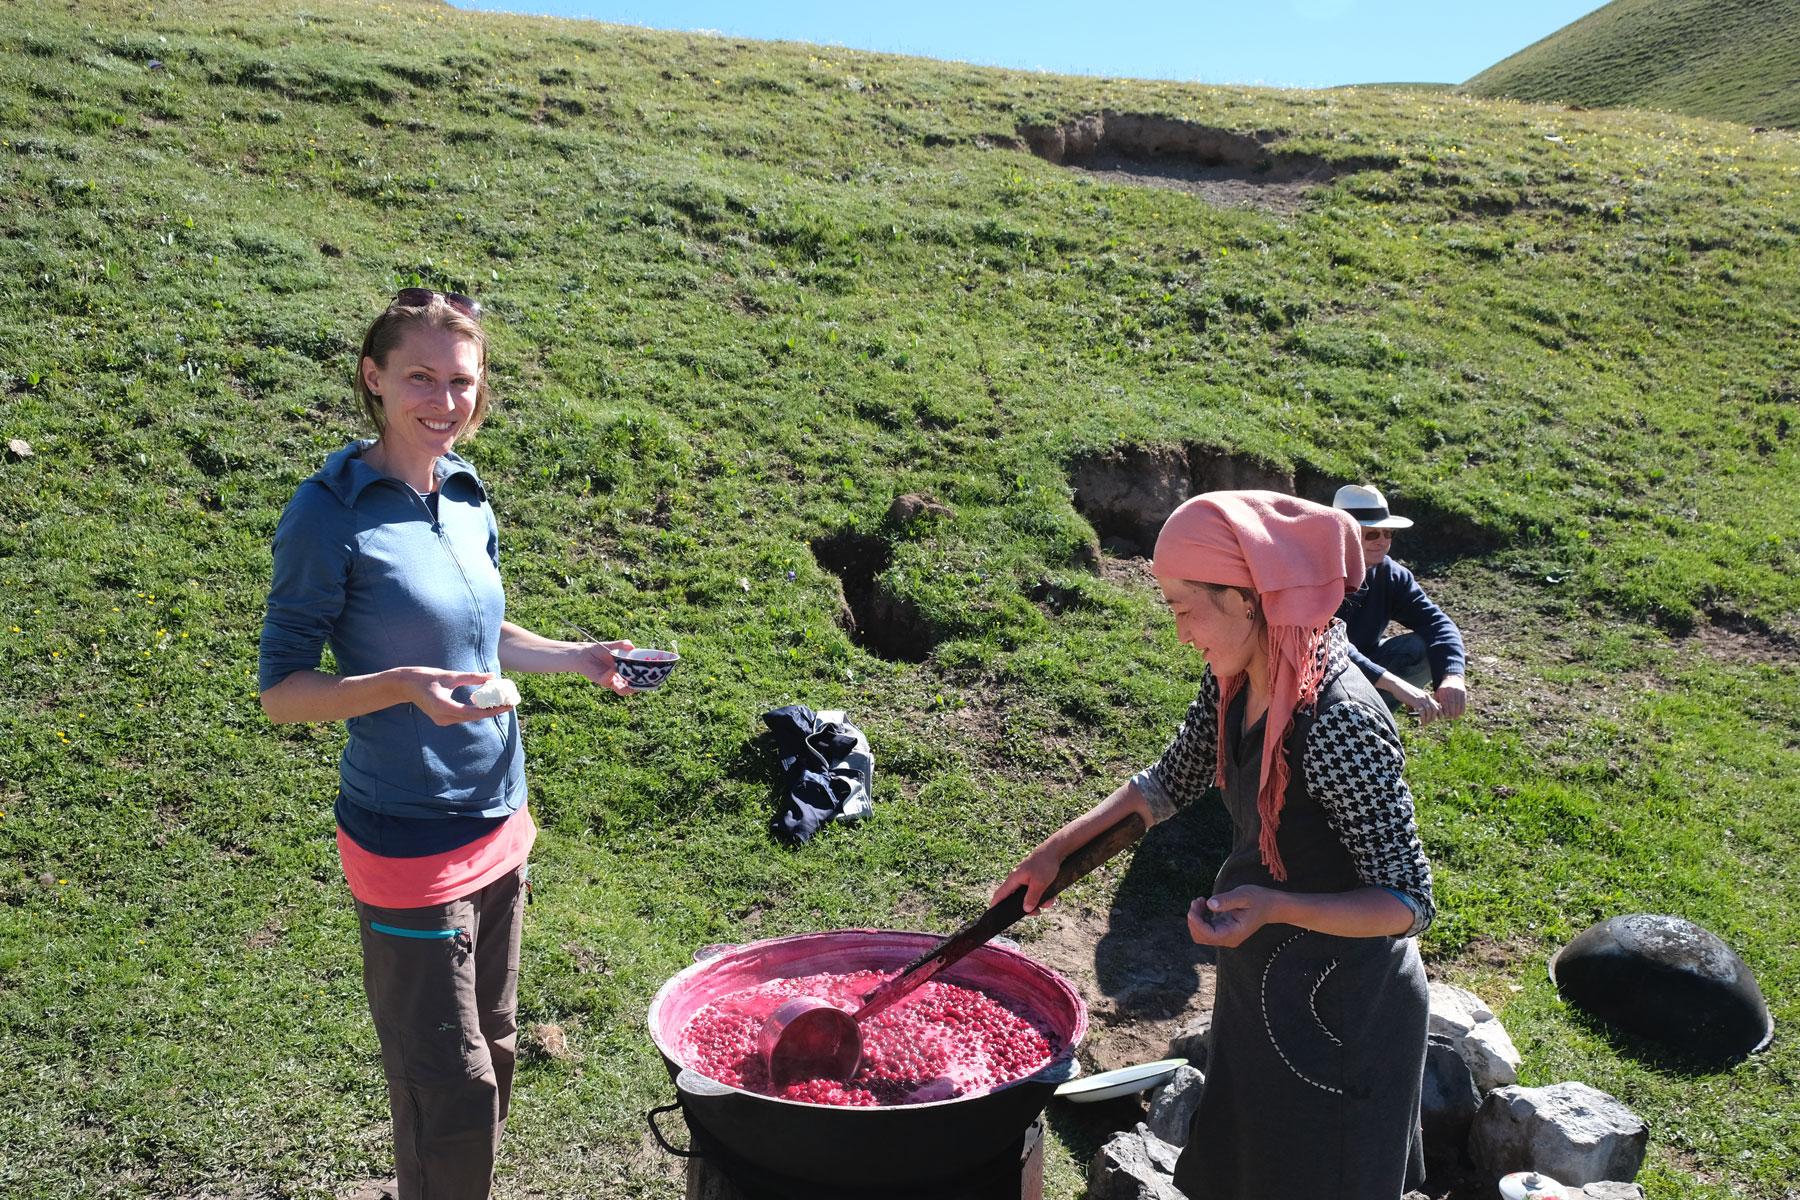 Leo steht neben einer Frau, die auf einer Wiese Kirschmarmelade kocht.